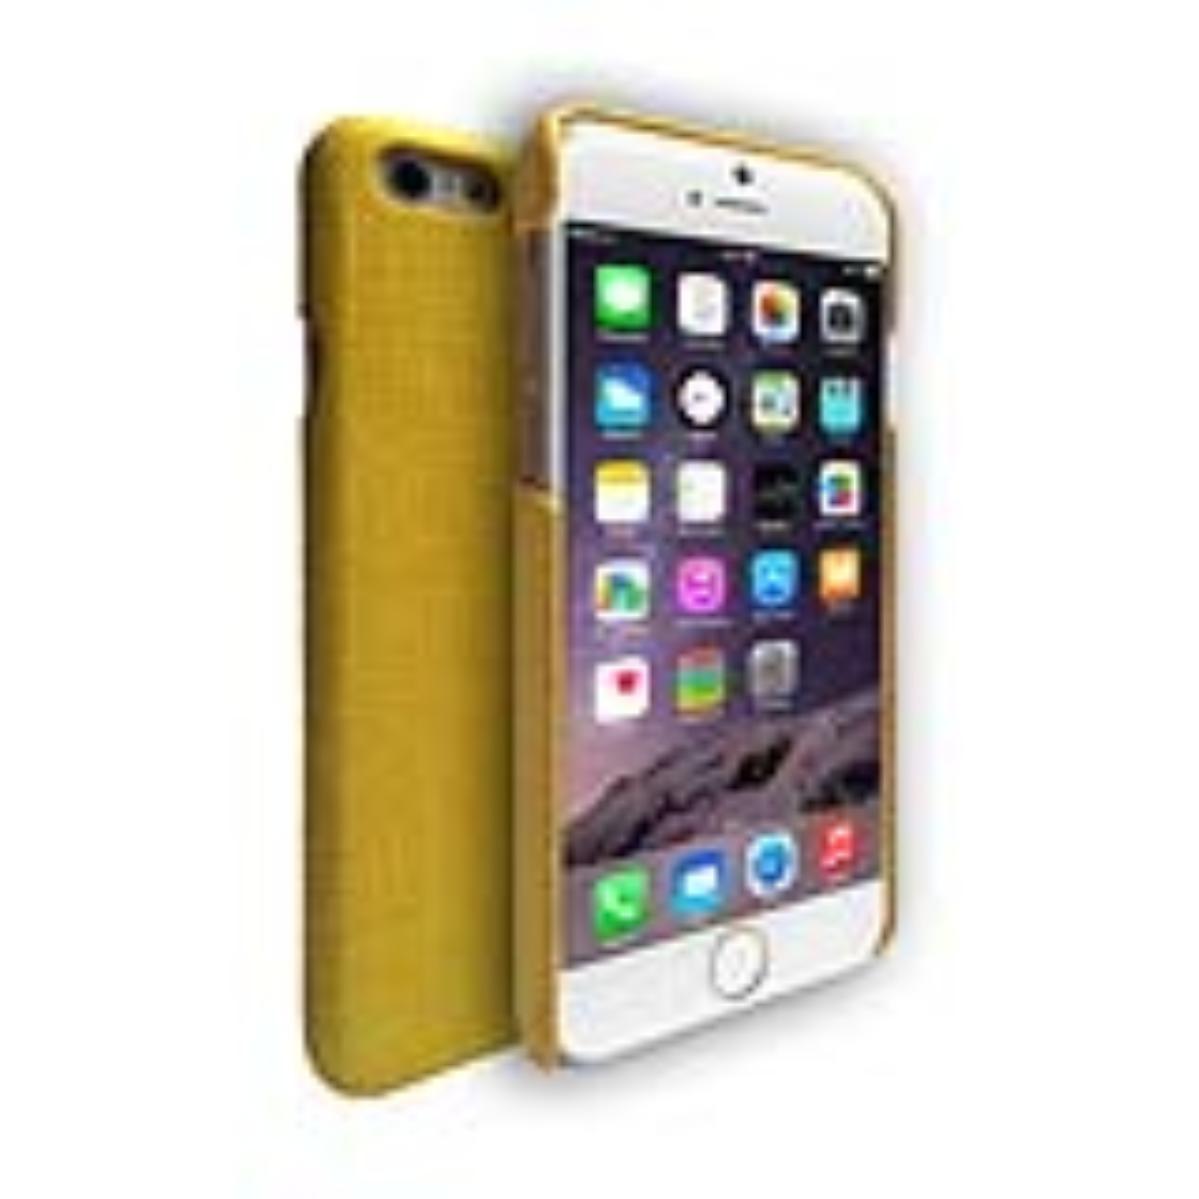 Patriot pouzdro pro iPhone® 6 plus žluté